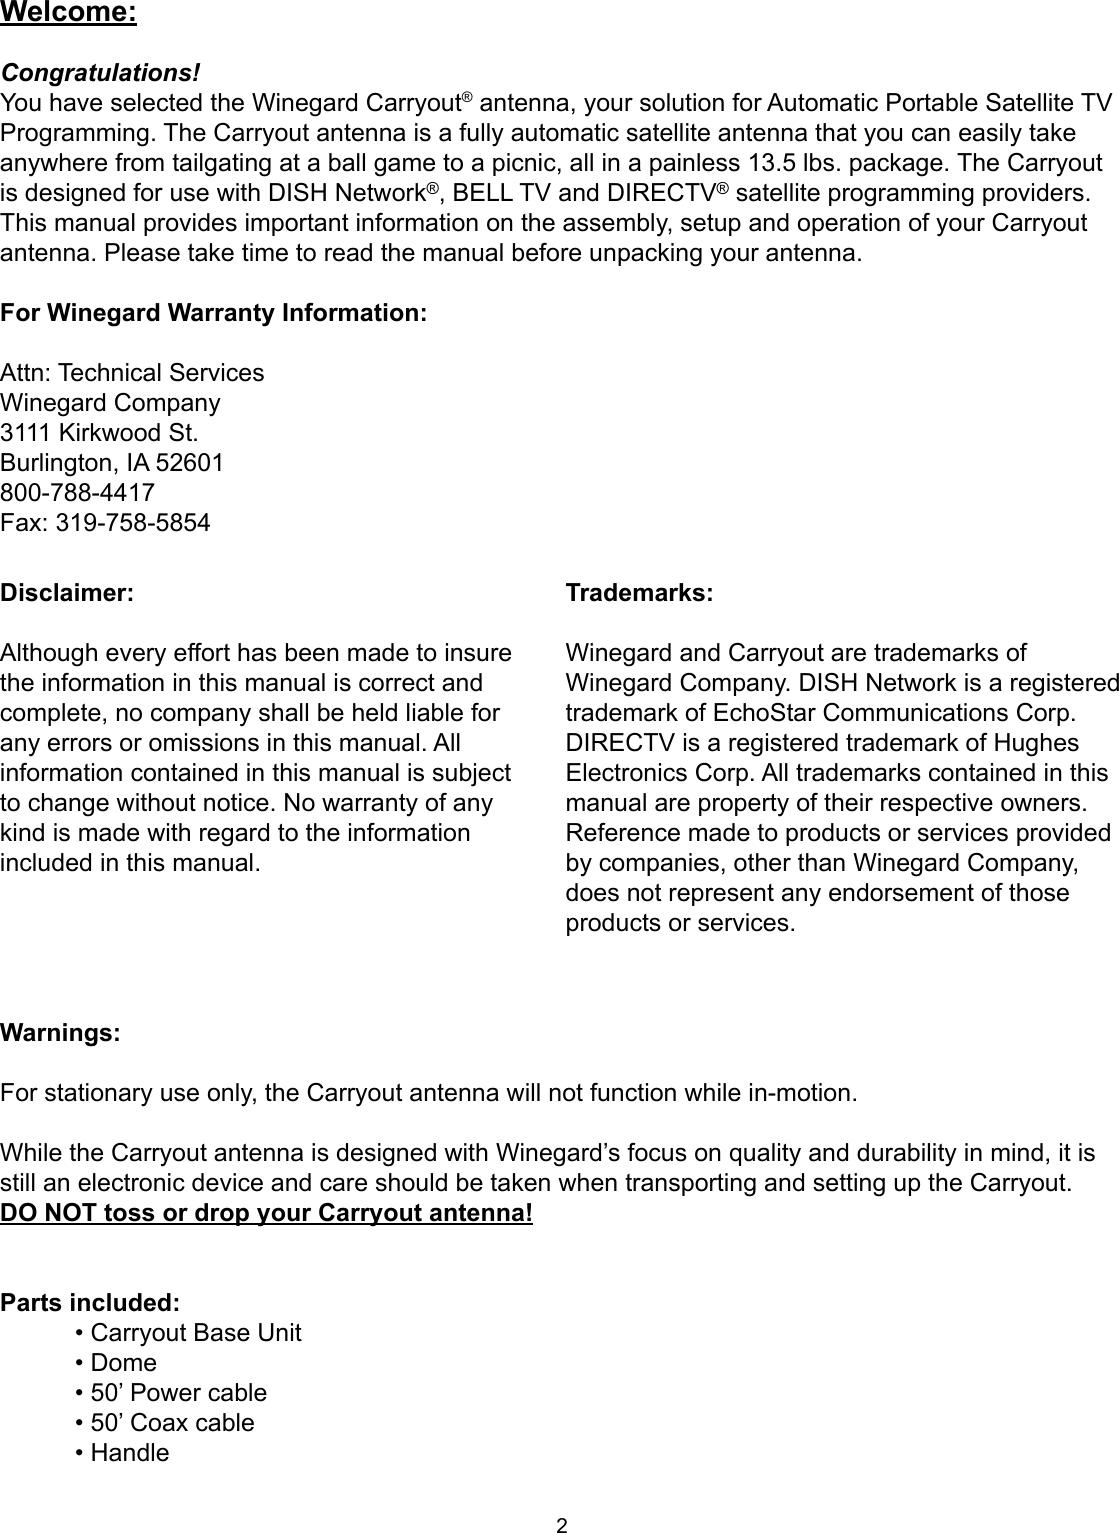 Winegard Gm 1518 Users Manual